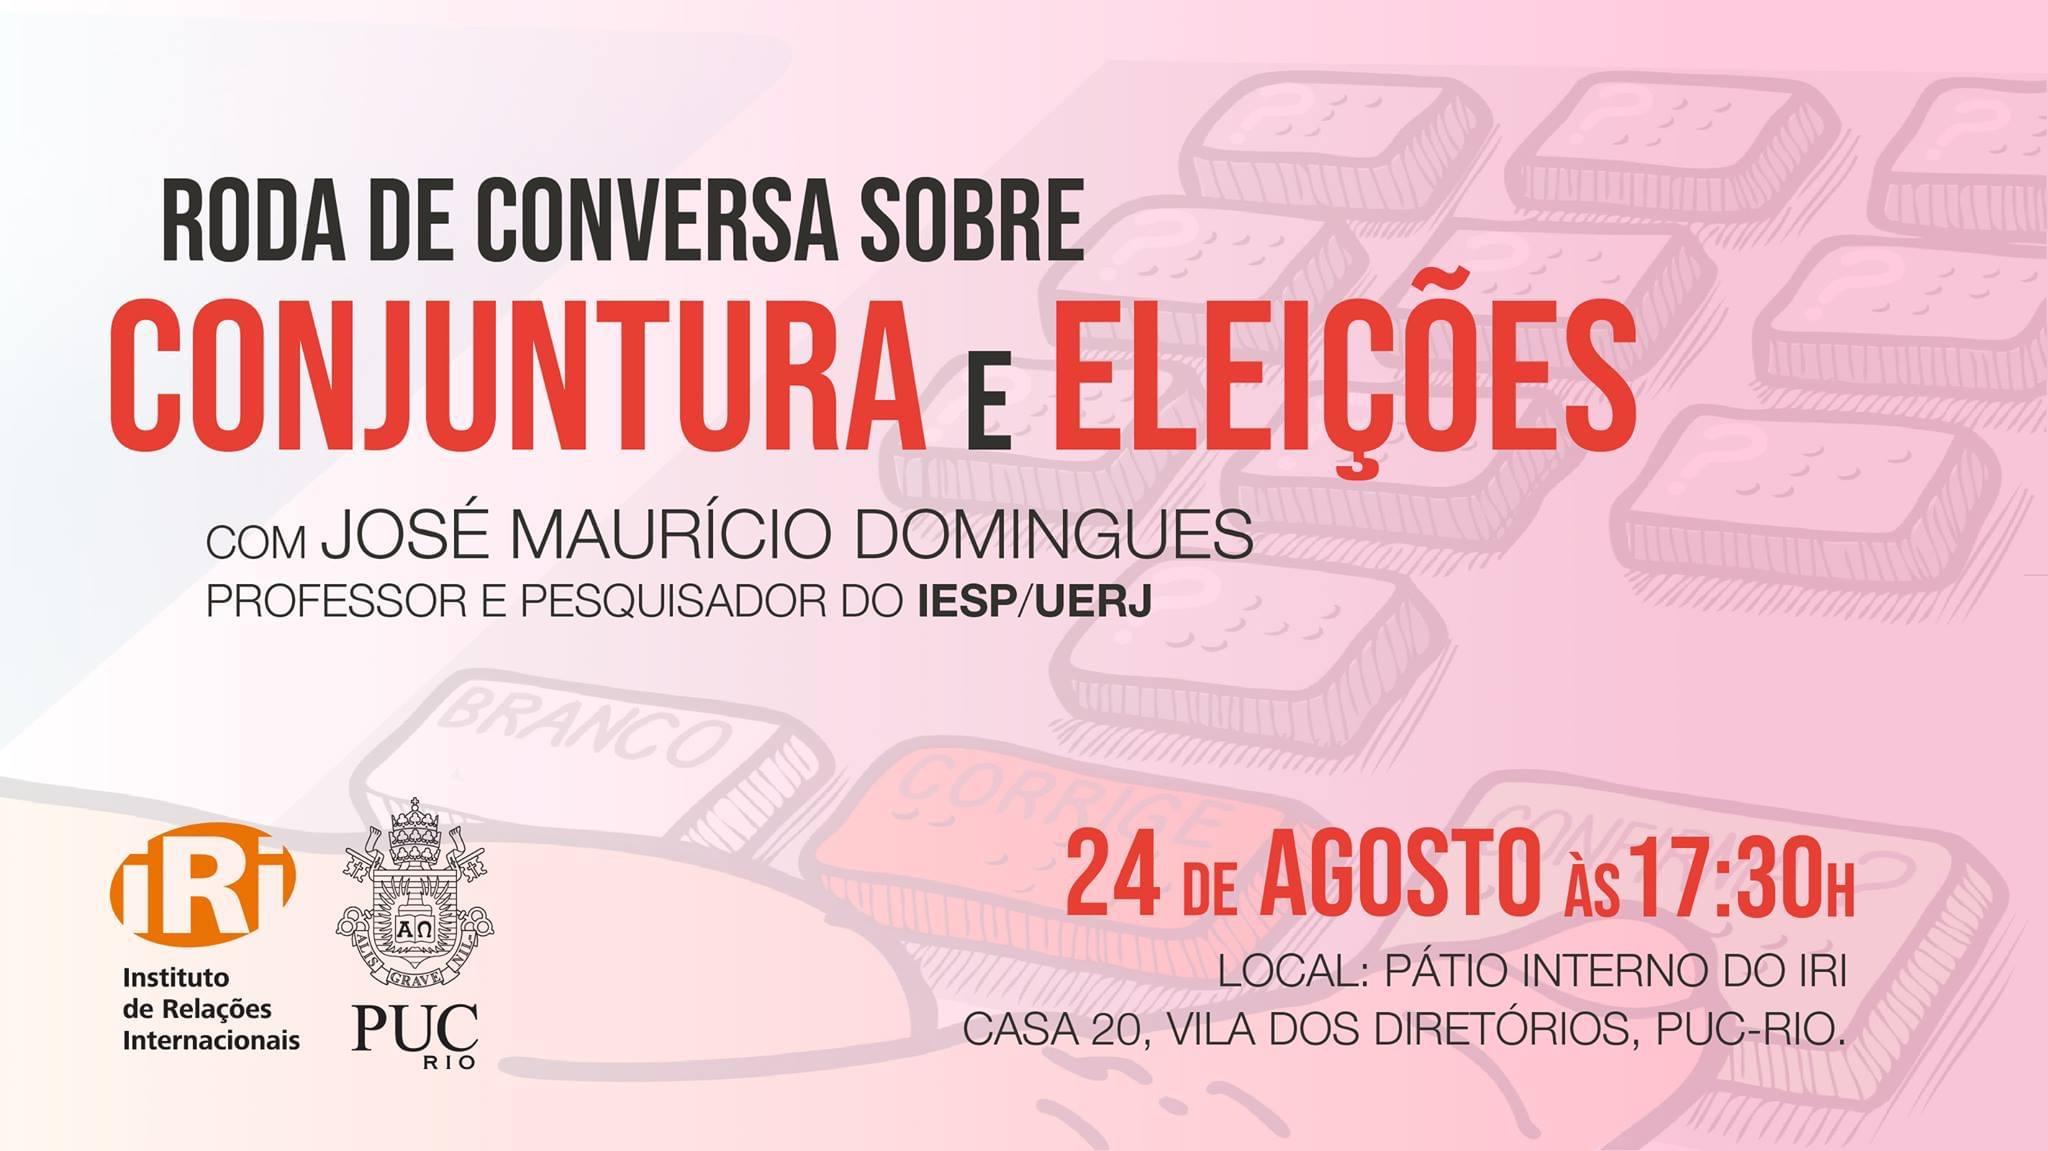 Roda de conversa sobre Conjuntura e Eleições com José Maurício Domingues